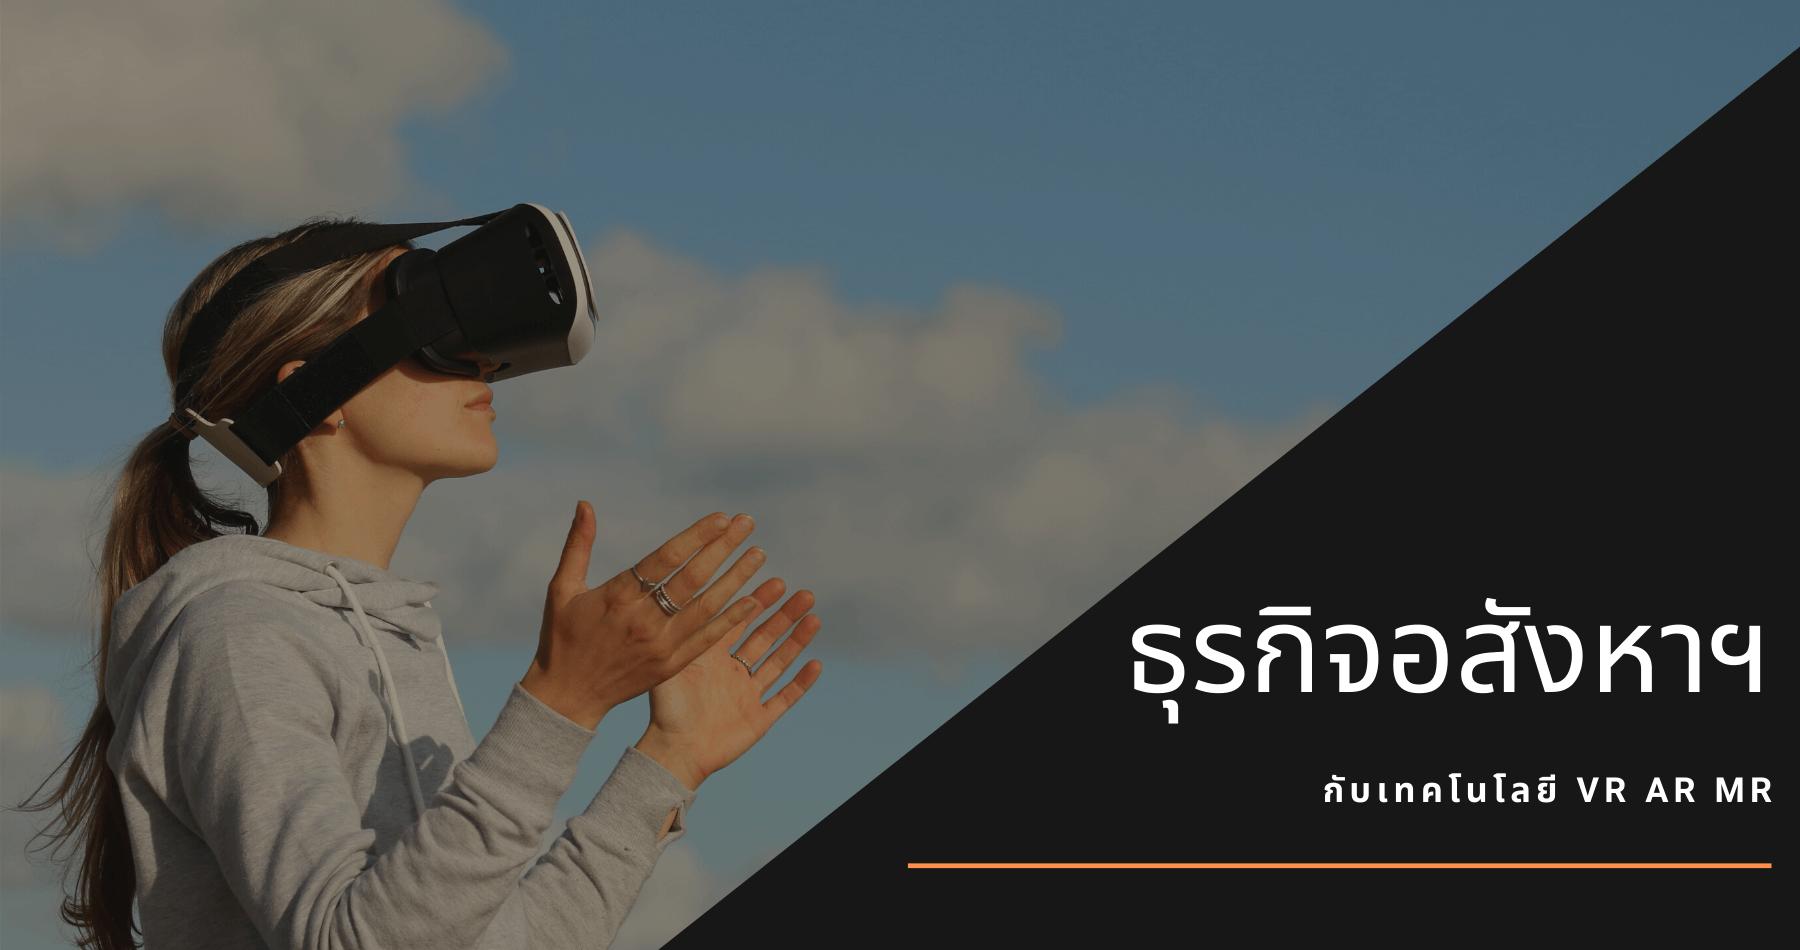 ธุรกิจอสังหาริมทรัพย์กับเทคโนโลยี VR AR MR